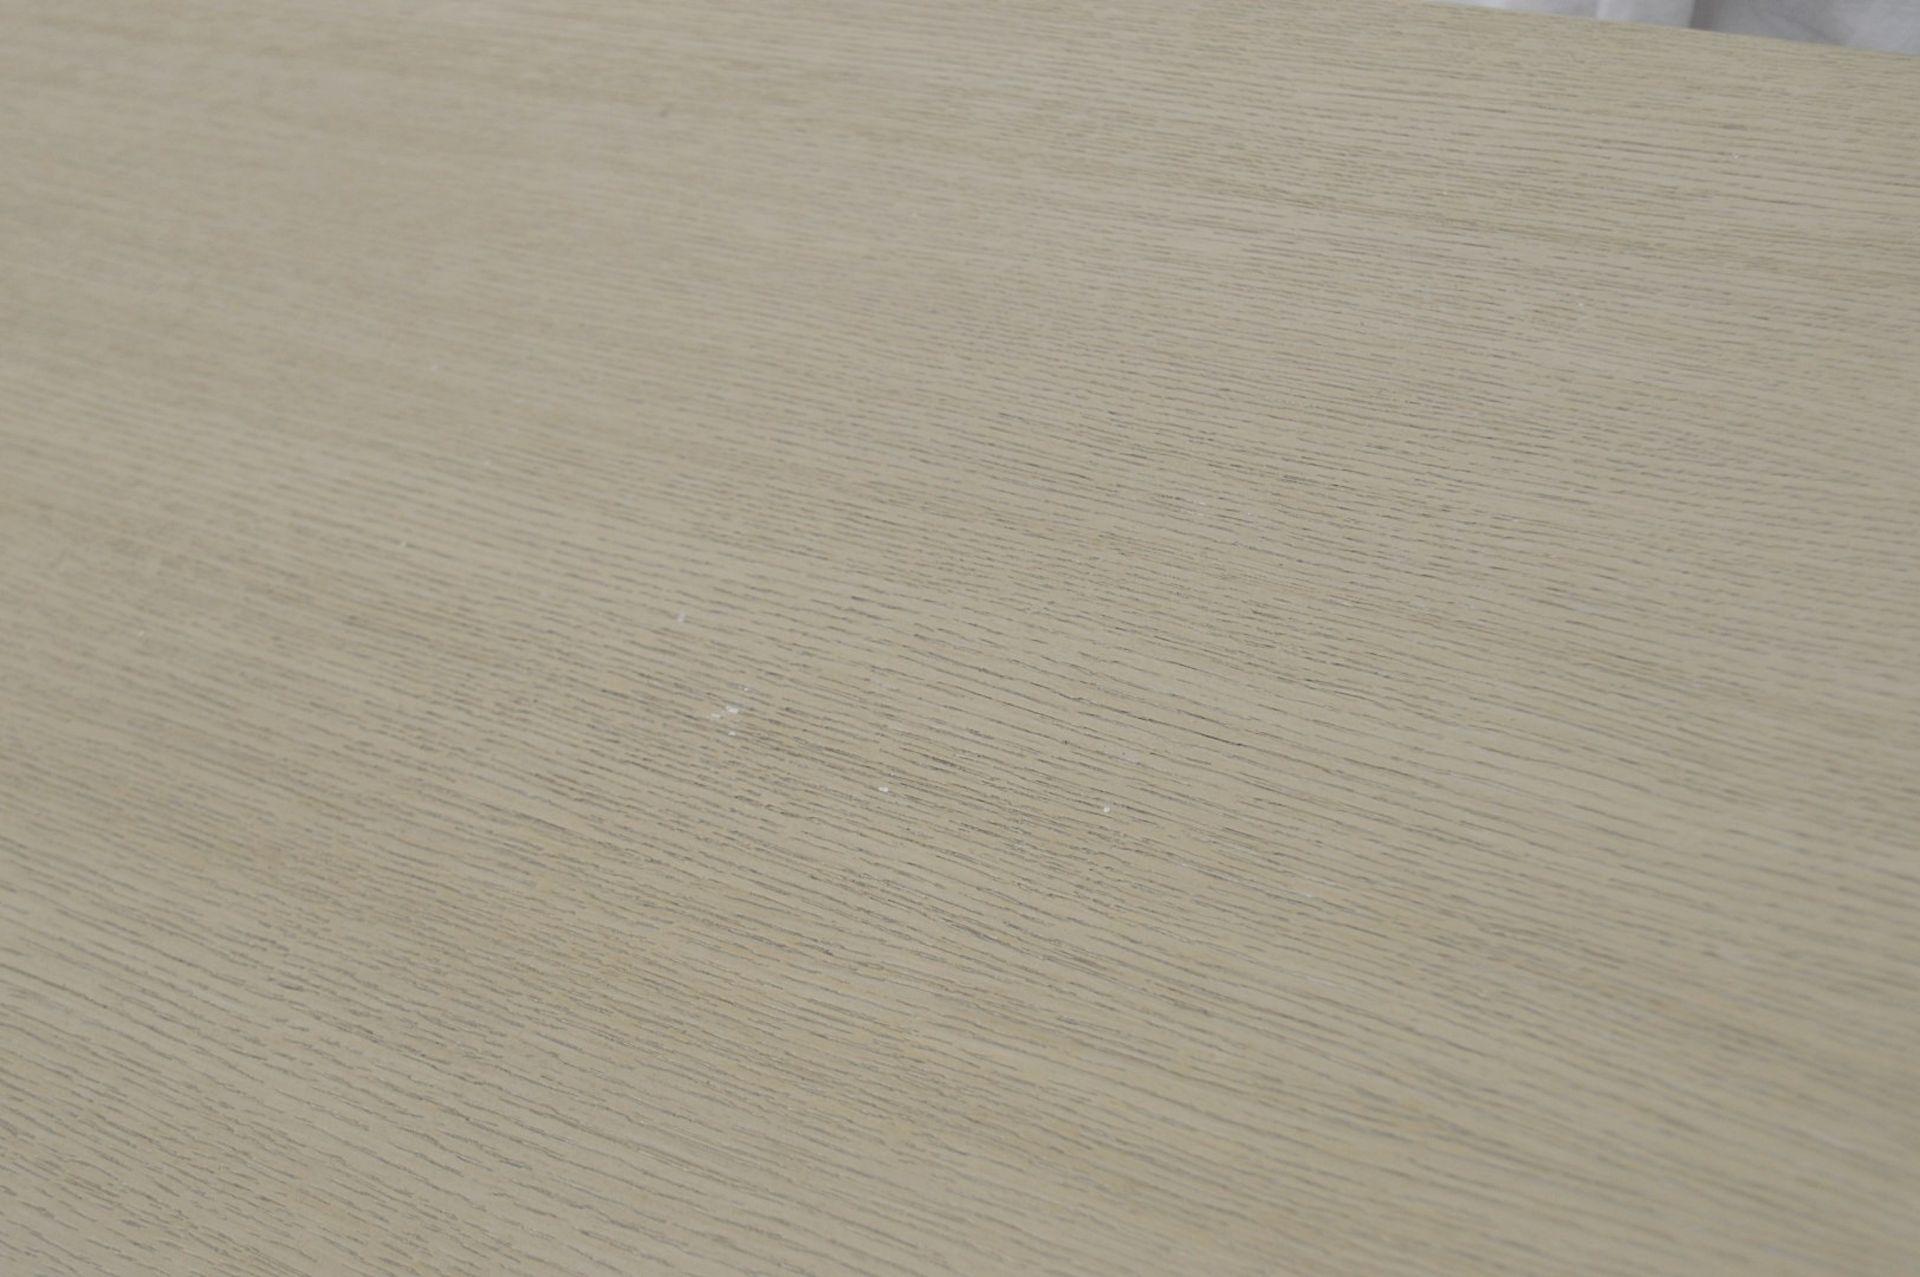 1 x JUSTIN VAN BREDA 'Monty' DesignerRegency-inspired3-Door Sideboard - Original RRP £9,700 - Image 14 of 16